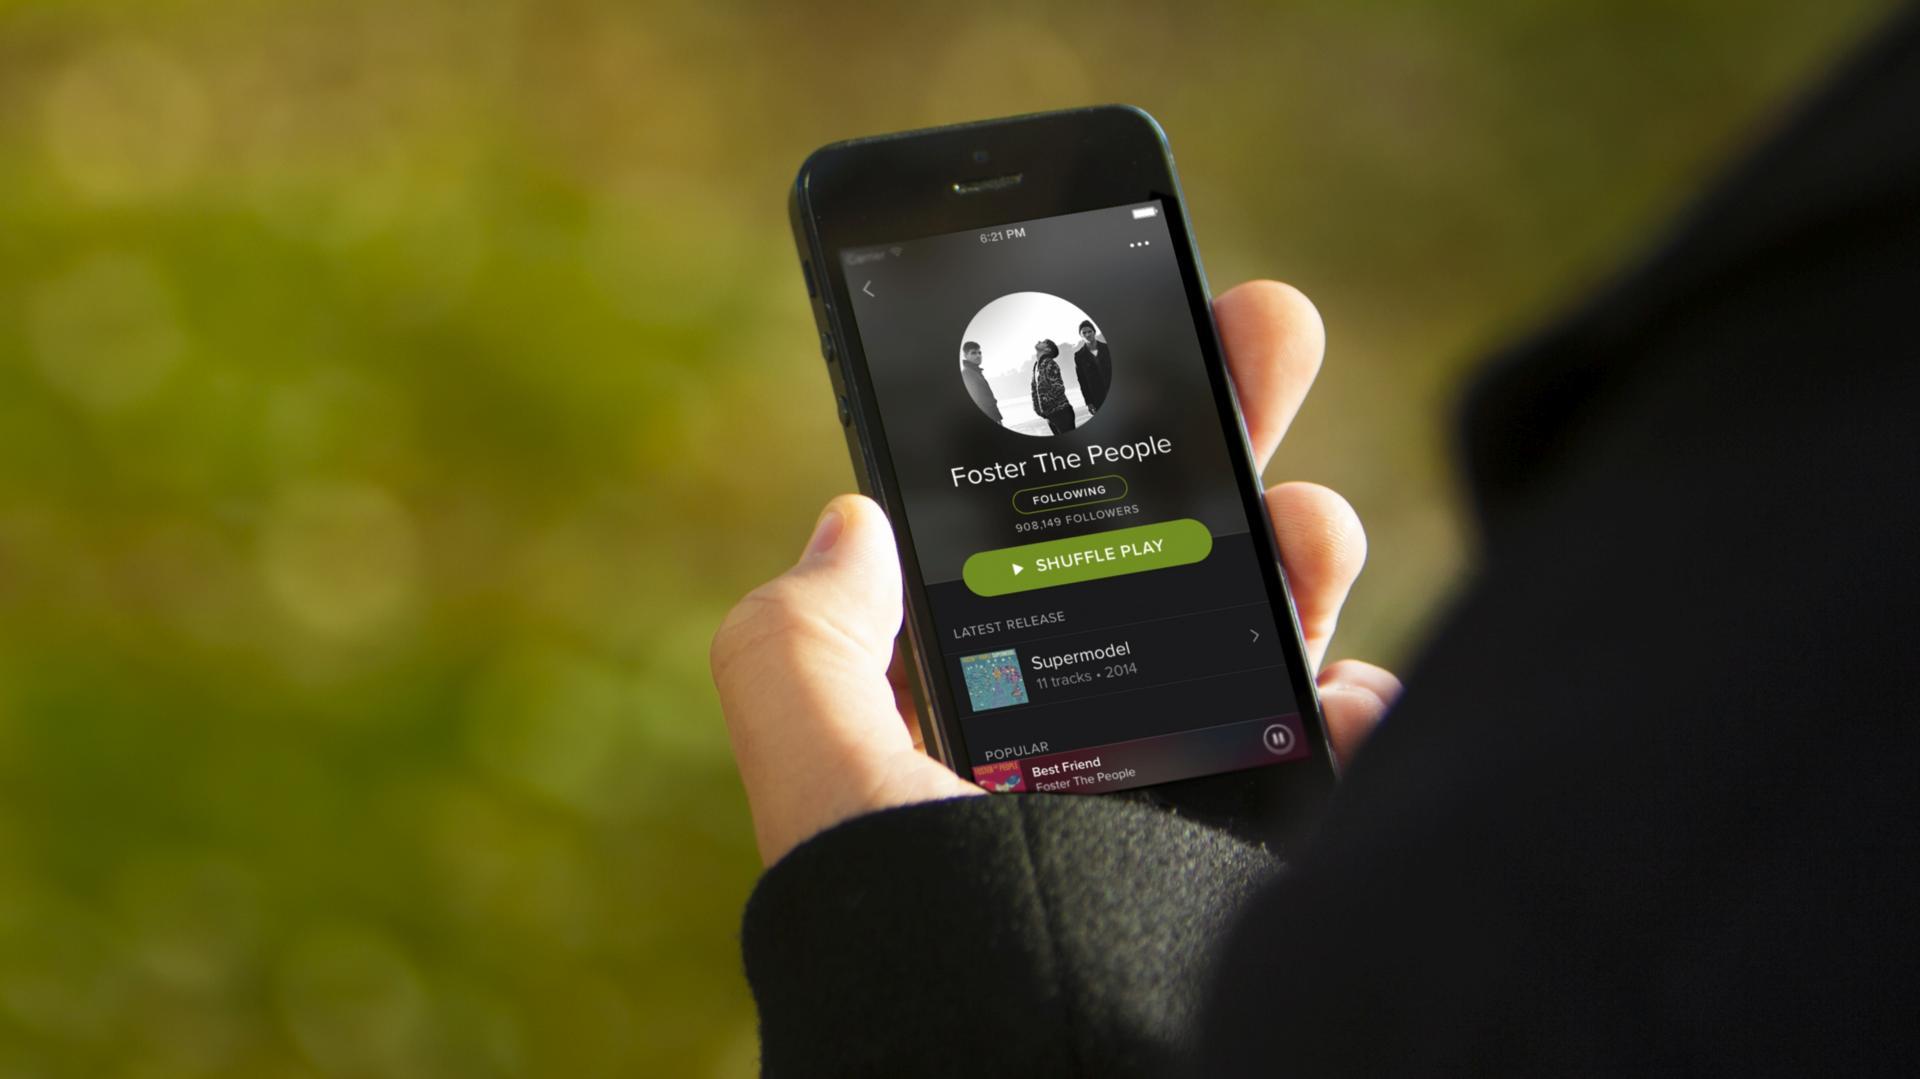 Come disattivare l'audio di Spotify su Mac con Smutefy? 1